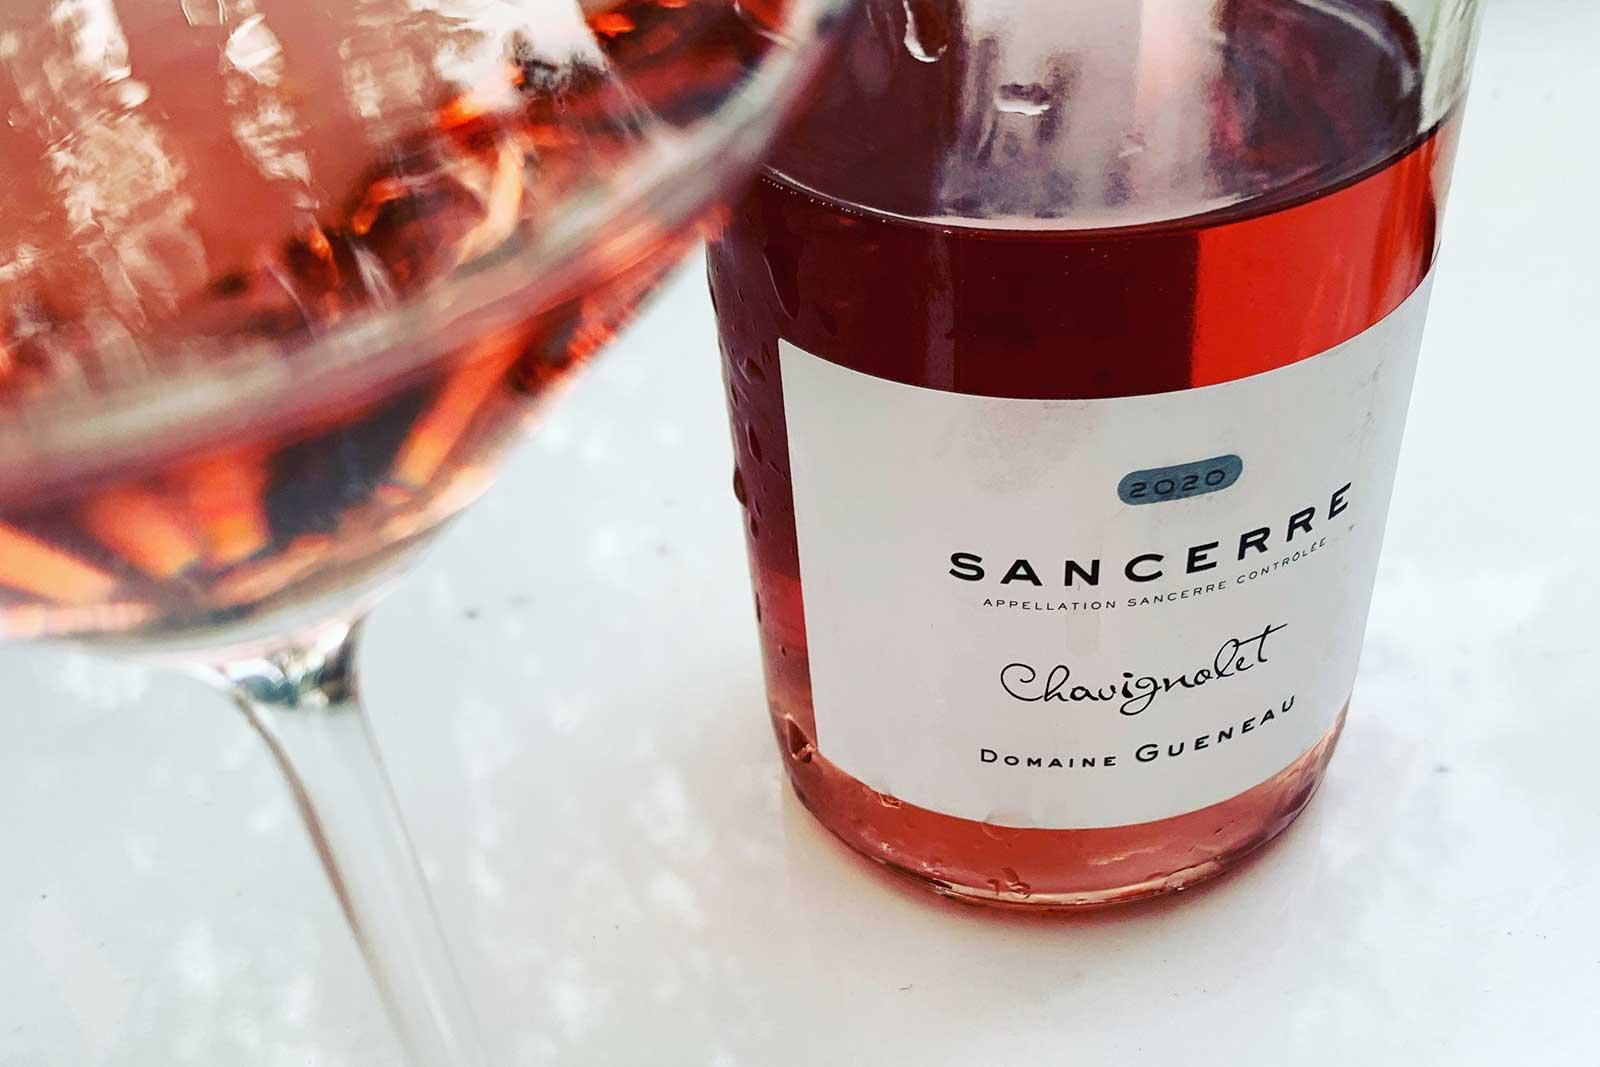 2020 Domaine Gueneau Sancerre Rosé ©Kevin Day/Opening a Bottle